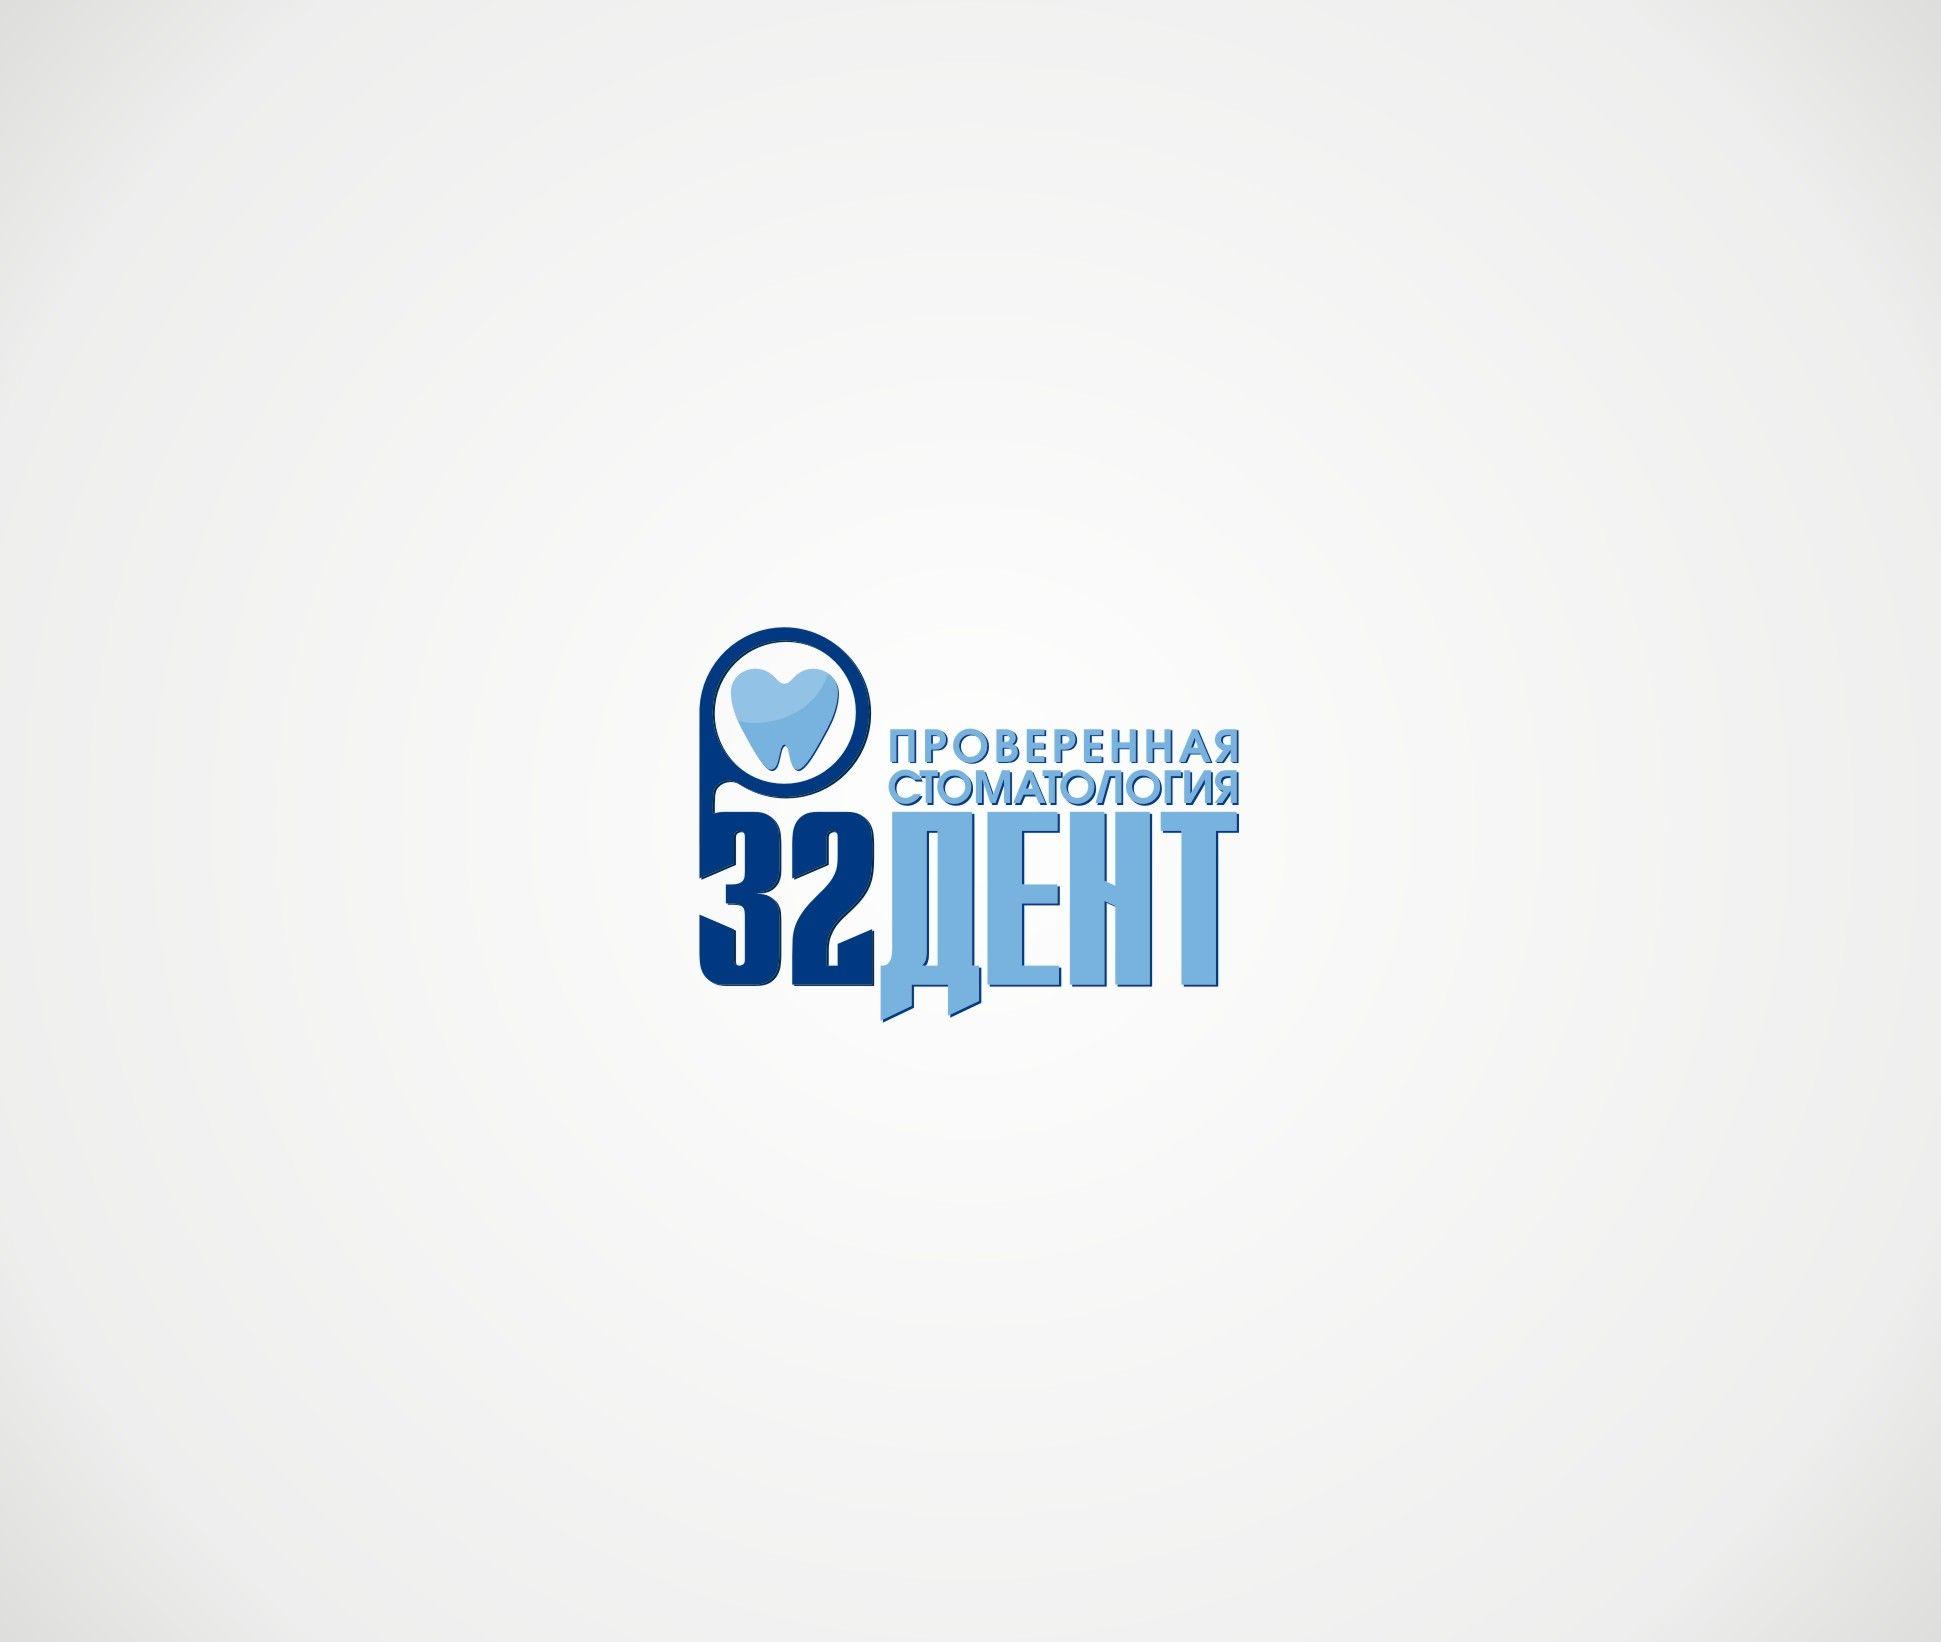 Логотип для сети стоматологических клиник - дизайнер NataVav25